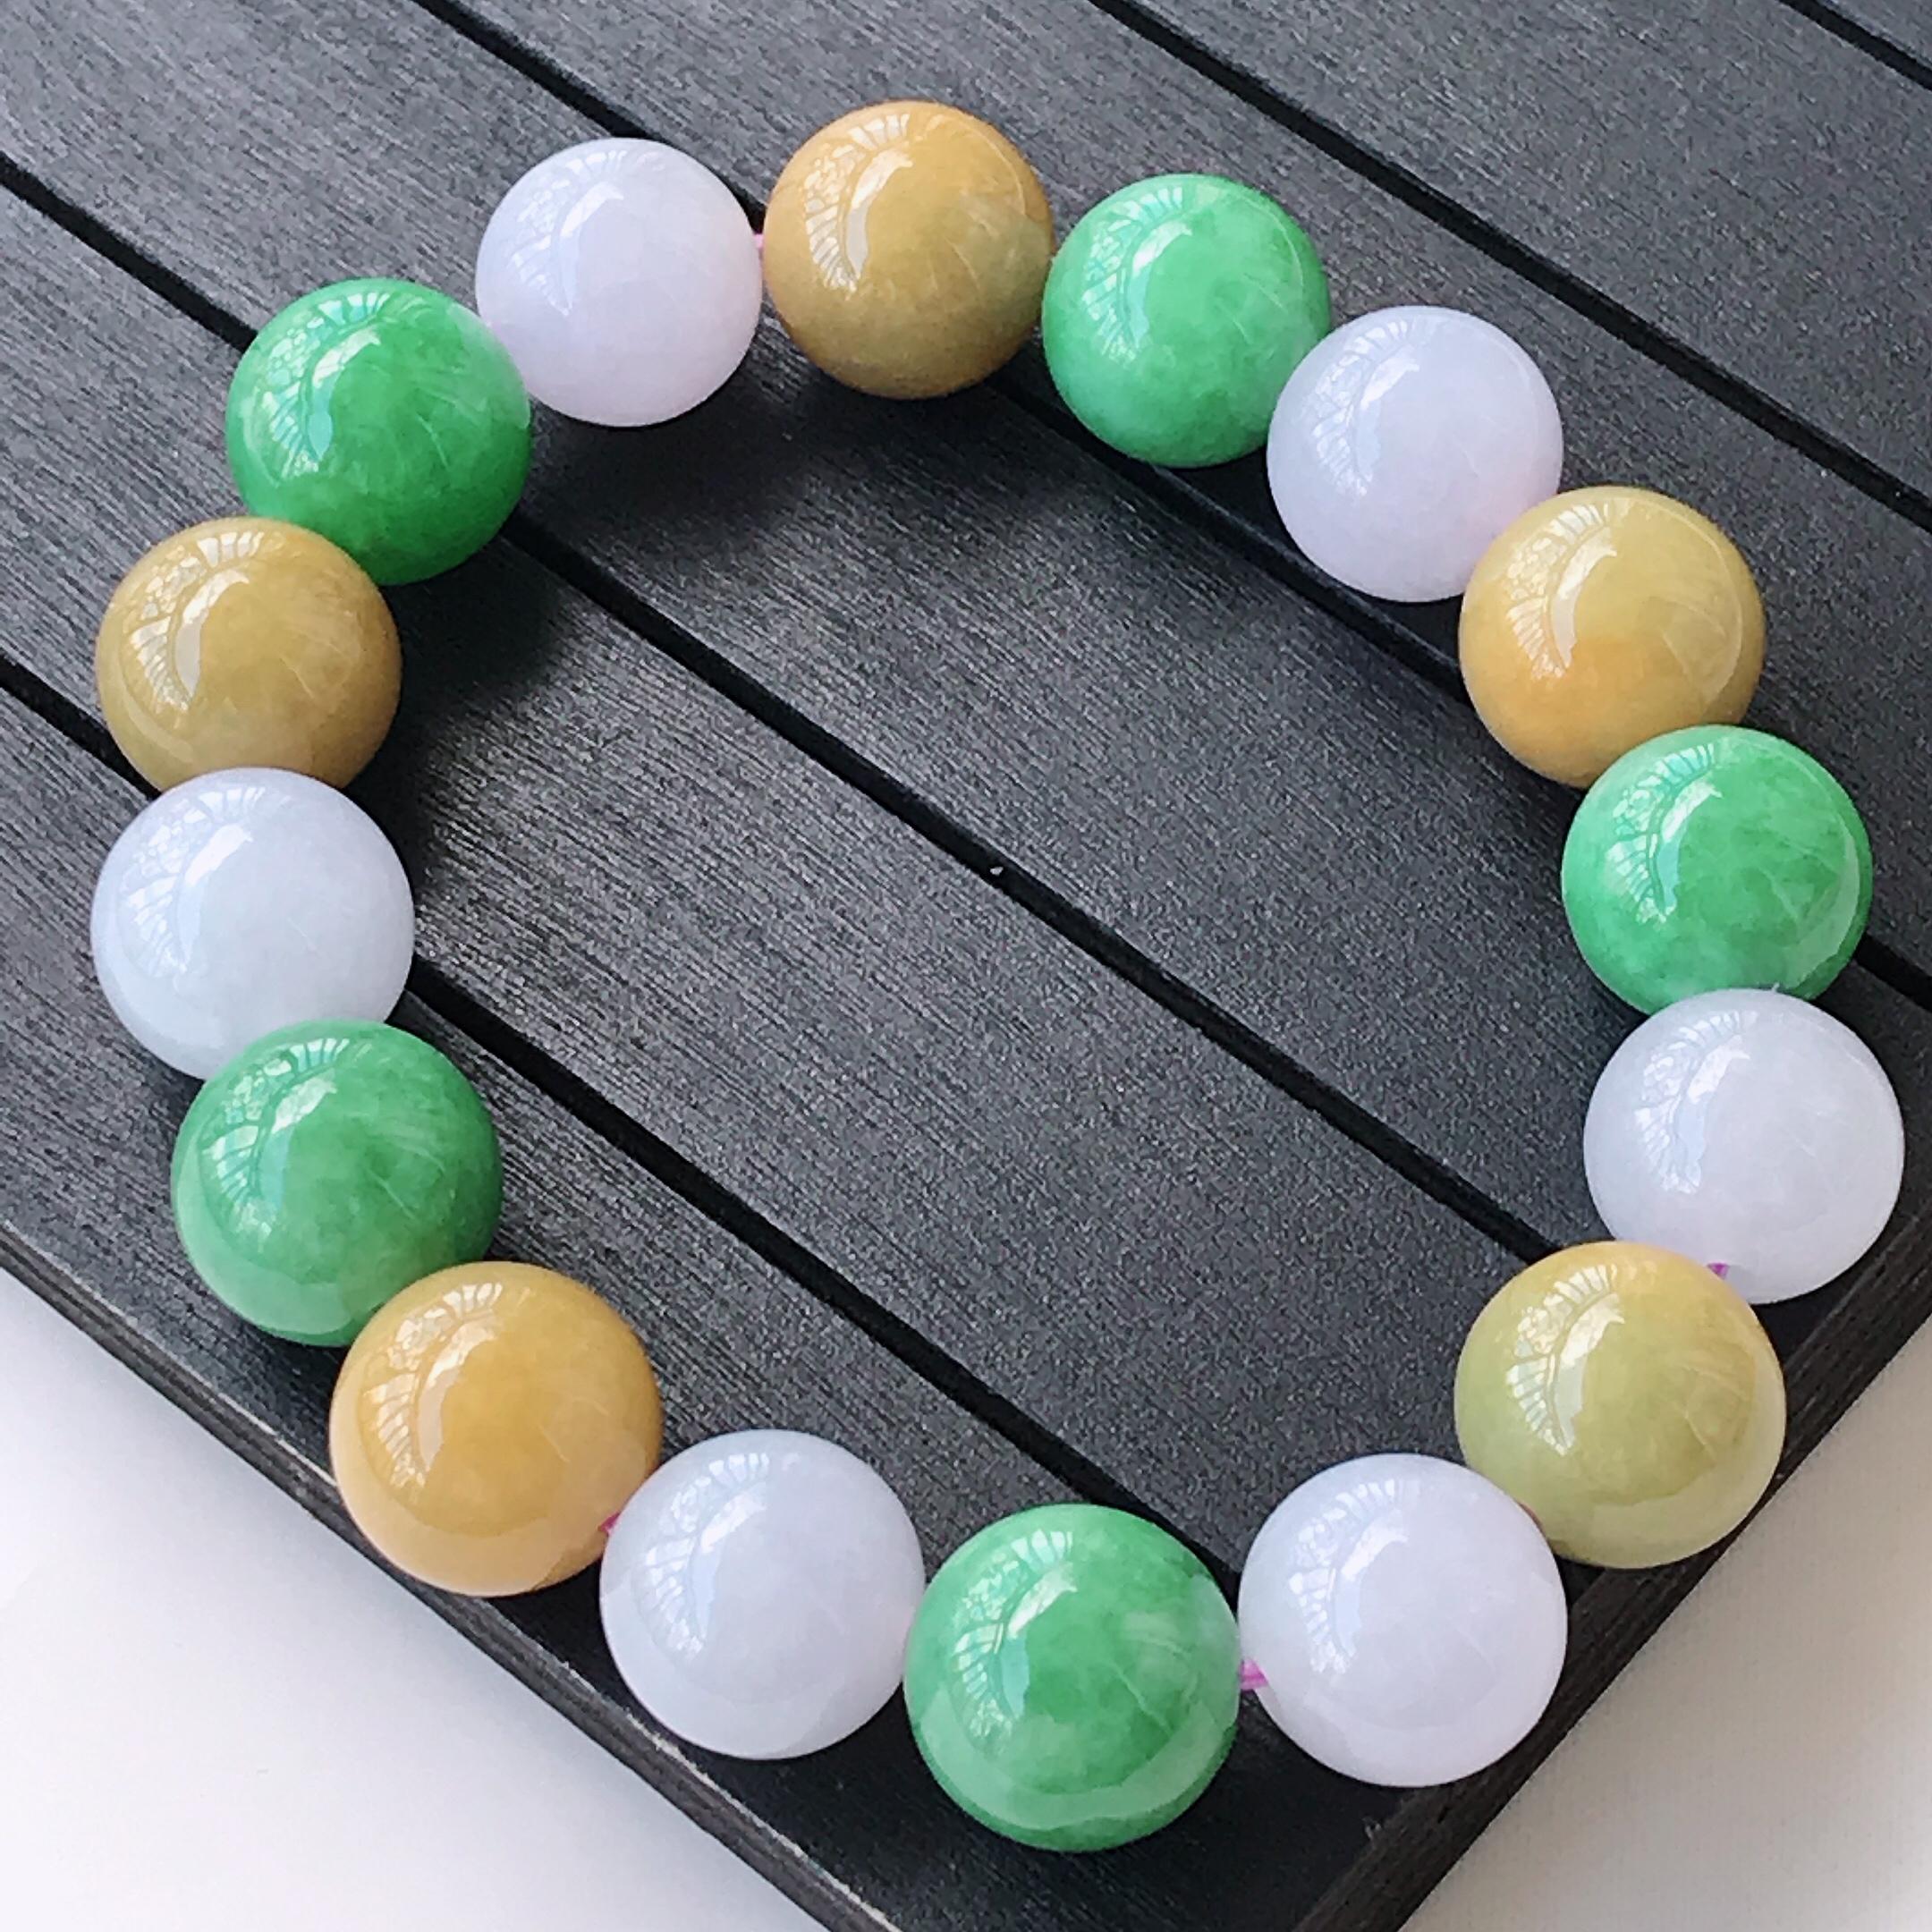 水润三彩精美圆珠翡翠手链  玉质细腻  冰清玉润  颜色漂亮    尺寸直径12.8